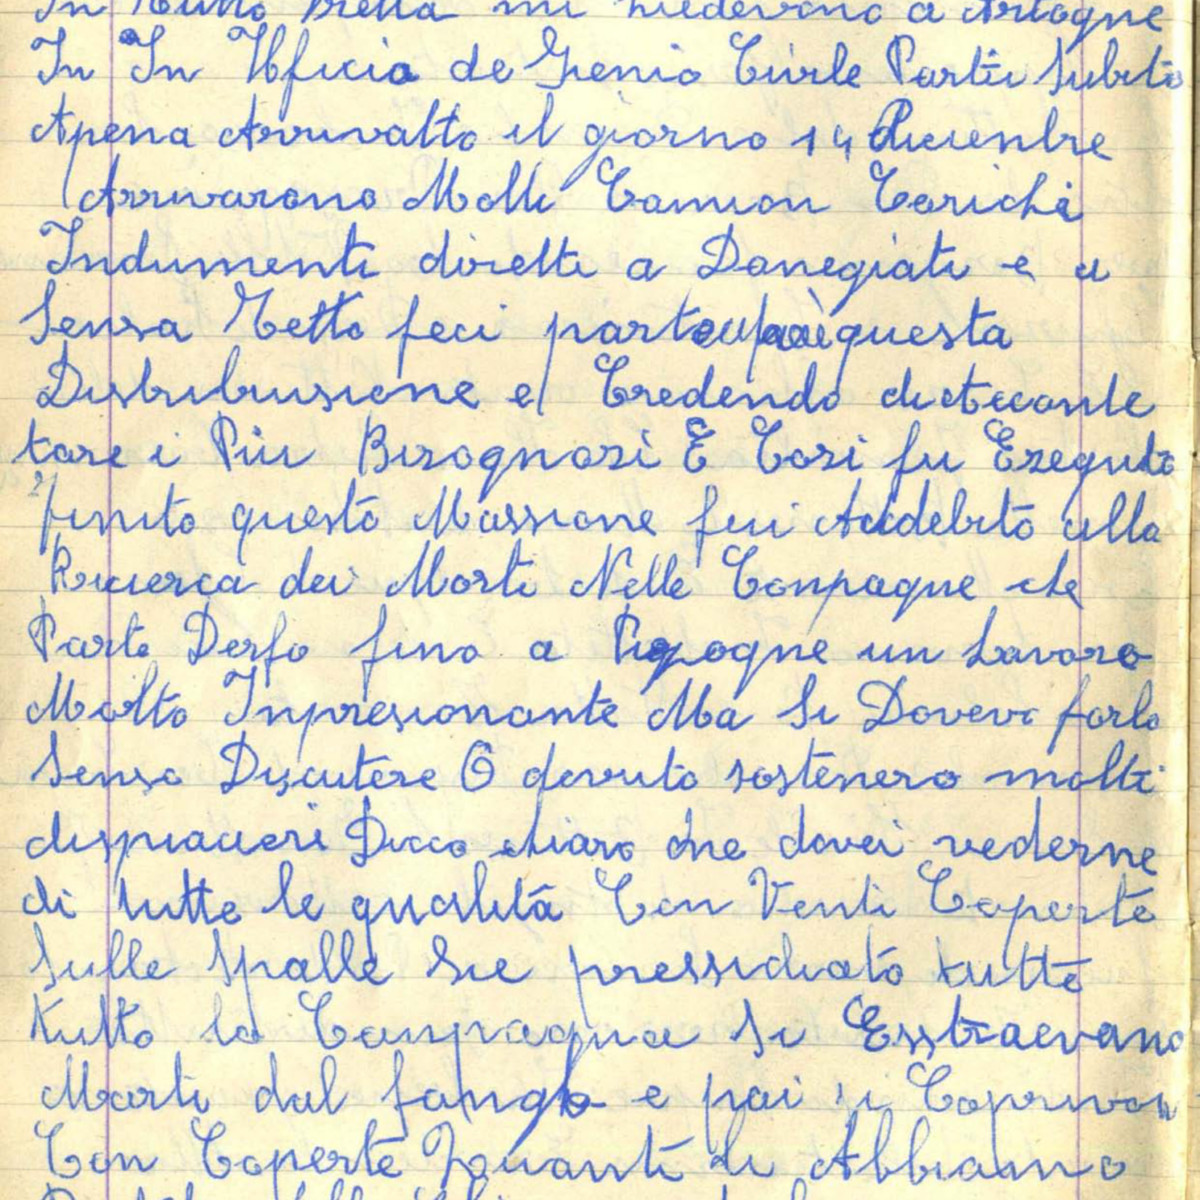 Lettera di Bettineschi Giovanmaria di Tomaso_06